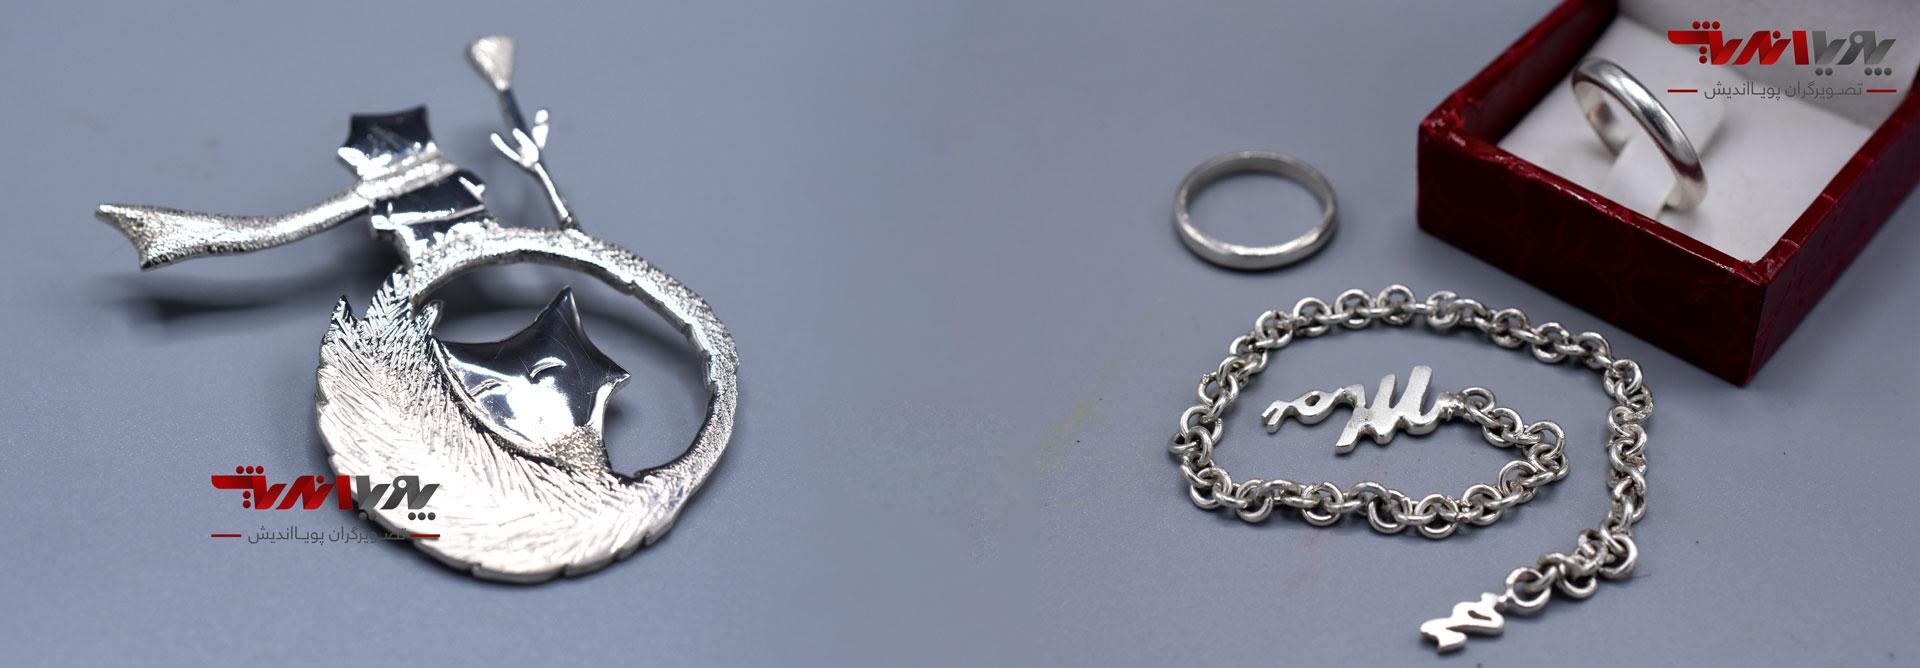 ساخت جواهرات در کلاس جواهرسازی